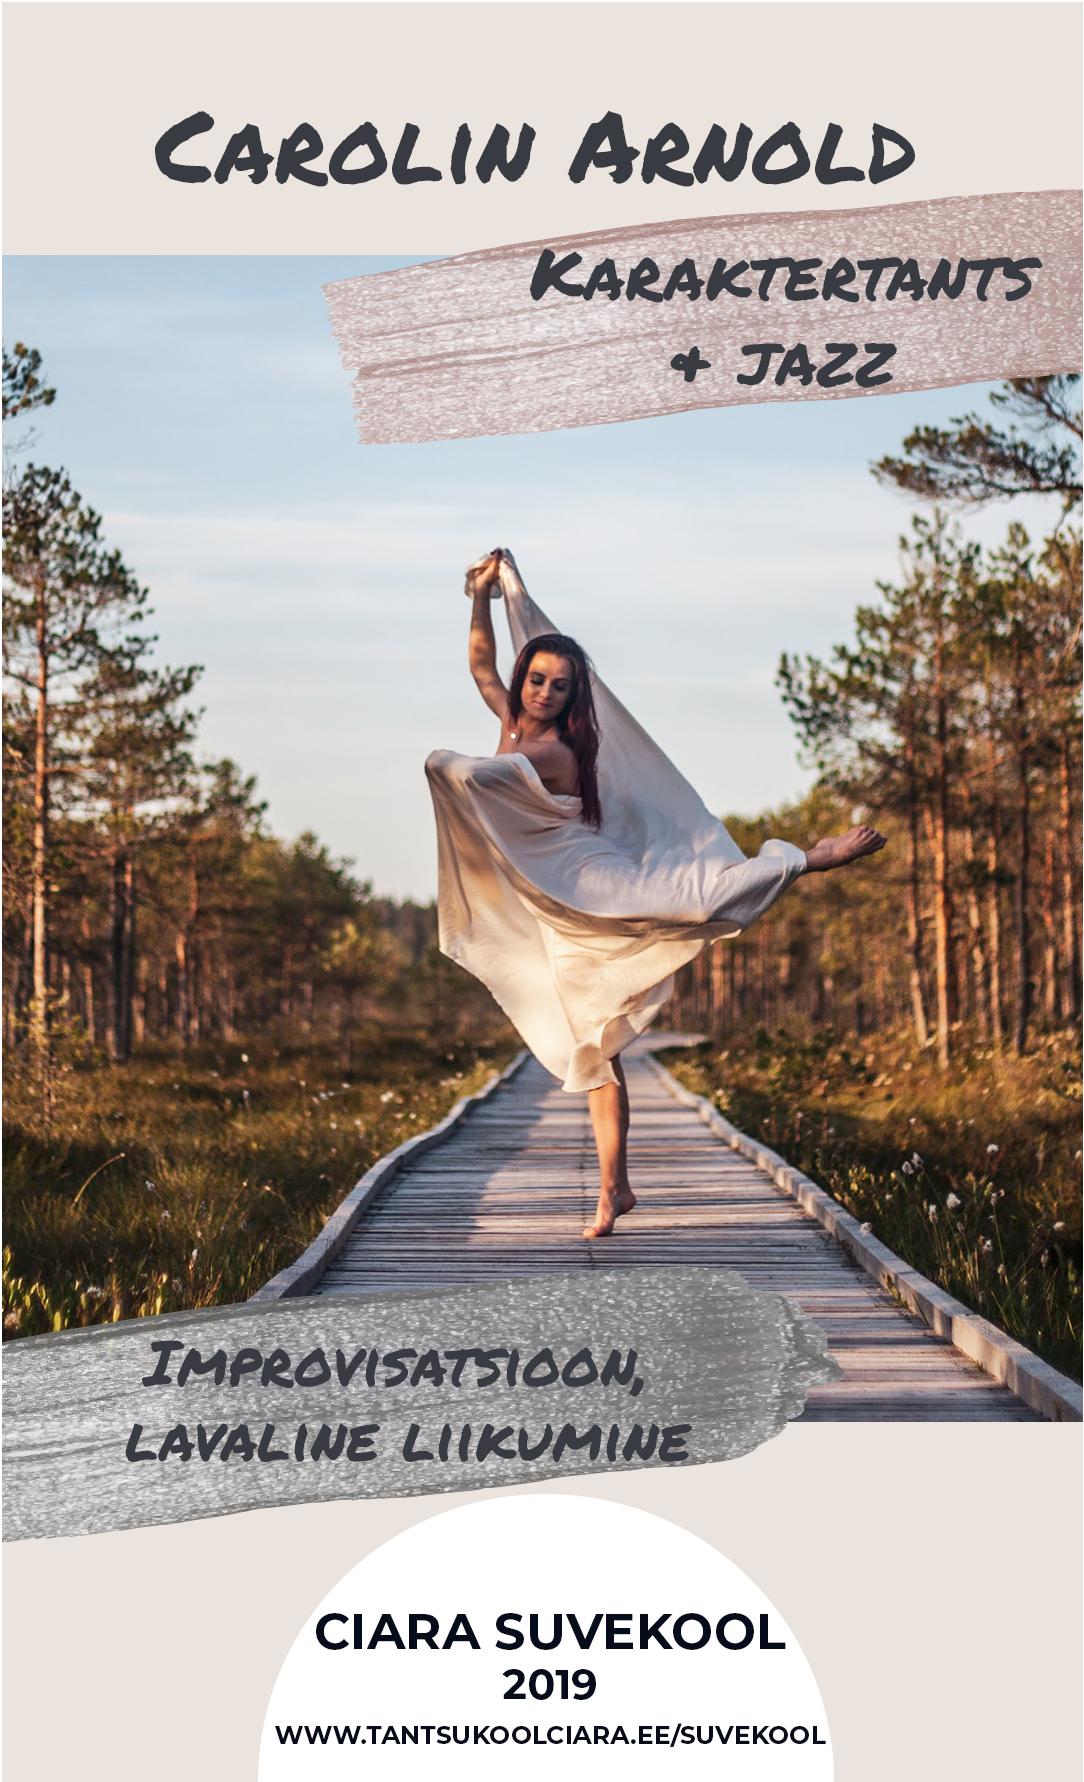 CAROLIN ARNOLD  Carolin on Ciara Tantsukooli juhataja ja Suvekooli projektijuht. Tantsimisega on alustanud varakus lapsepõlves ja on siiani aktiivne tantsuridades, omandanud erinevaid stiile hip-hopist kaasaegse tantsuni. Täna on kõige hingelähedasemad stiilid show-jazz ja contemporary.  Carolin on koostööd teinud mitmete Eesti produtsentidega, olnud kaasatud teleprojektidesse ja reklaamidesse, kaasa löönud muusikavideodes ja showagentuuride töös nii maal kui merel. Lisaks juhtimistööle loob koreograafiaid ja lavastusi Ciara Show Agency'ile. Rõõm lastega töötada rakendub Tantsupidudes (tantsupeod.ee) ja Suvekooli tundides!